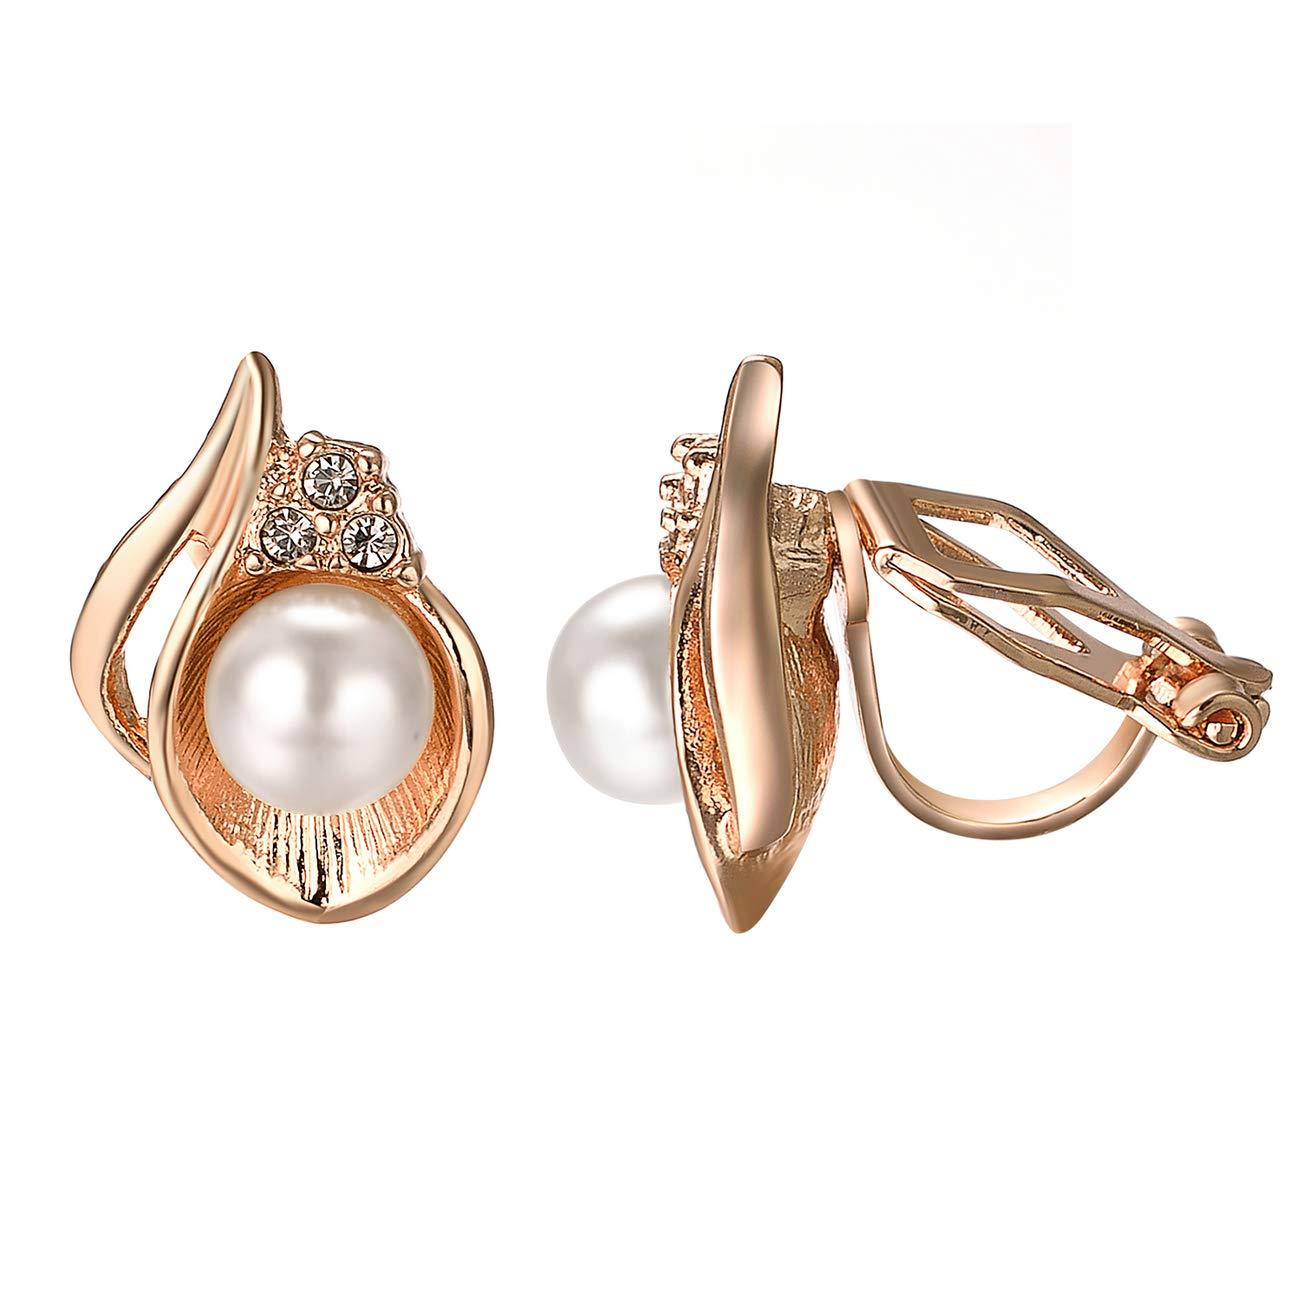 VOGEM Pearl Earrings Clip On 18K Rose Gold Plated Simple Non Pierced Earrings For Women Girls B07BVK81HX_US